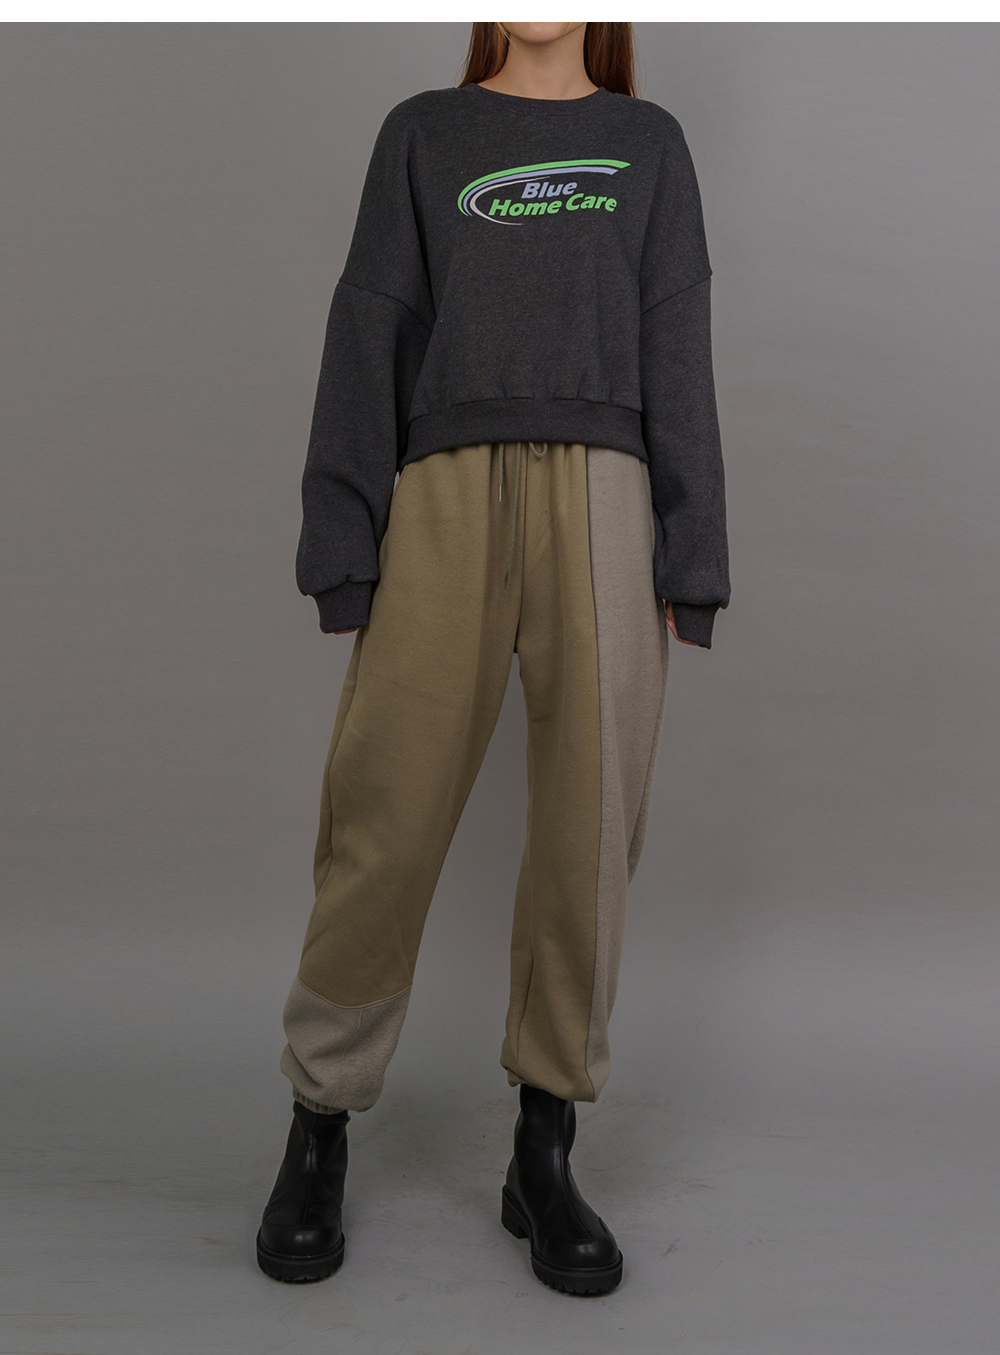 Care Printing Woolen Crop Sweatshirt